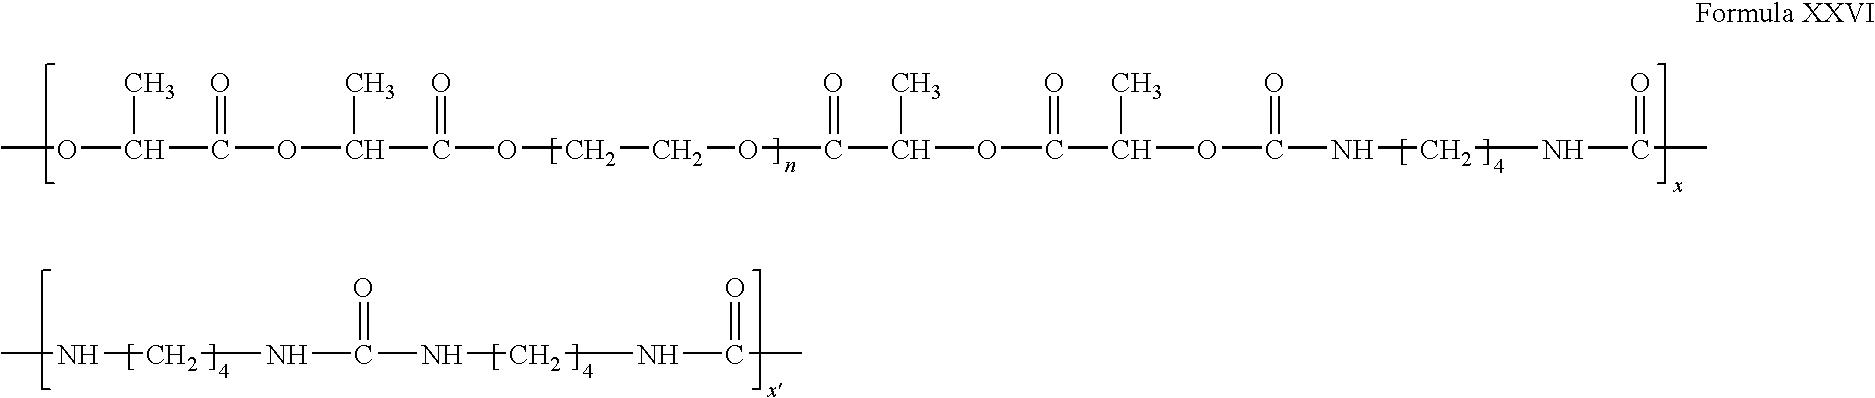 Figure US07795467-20100914-C00017